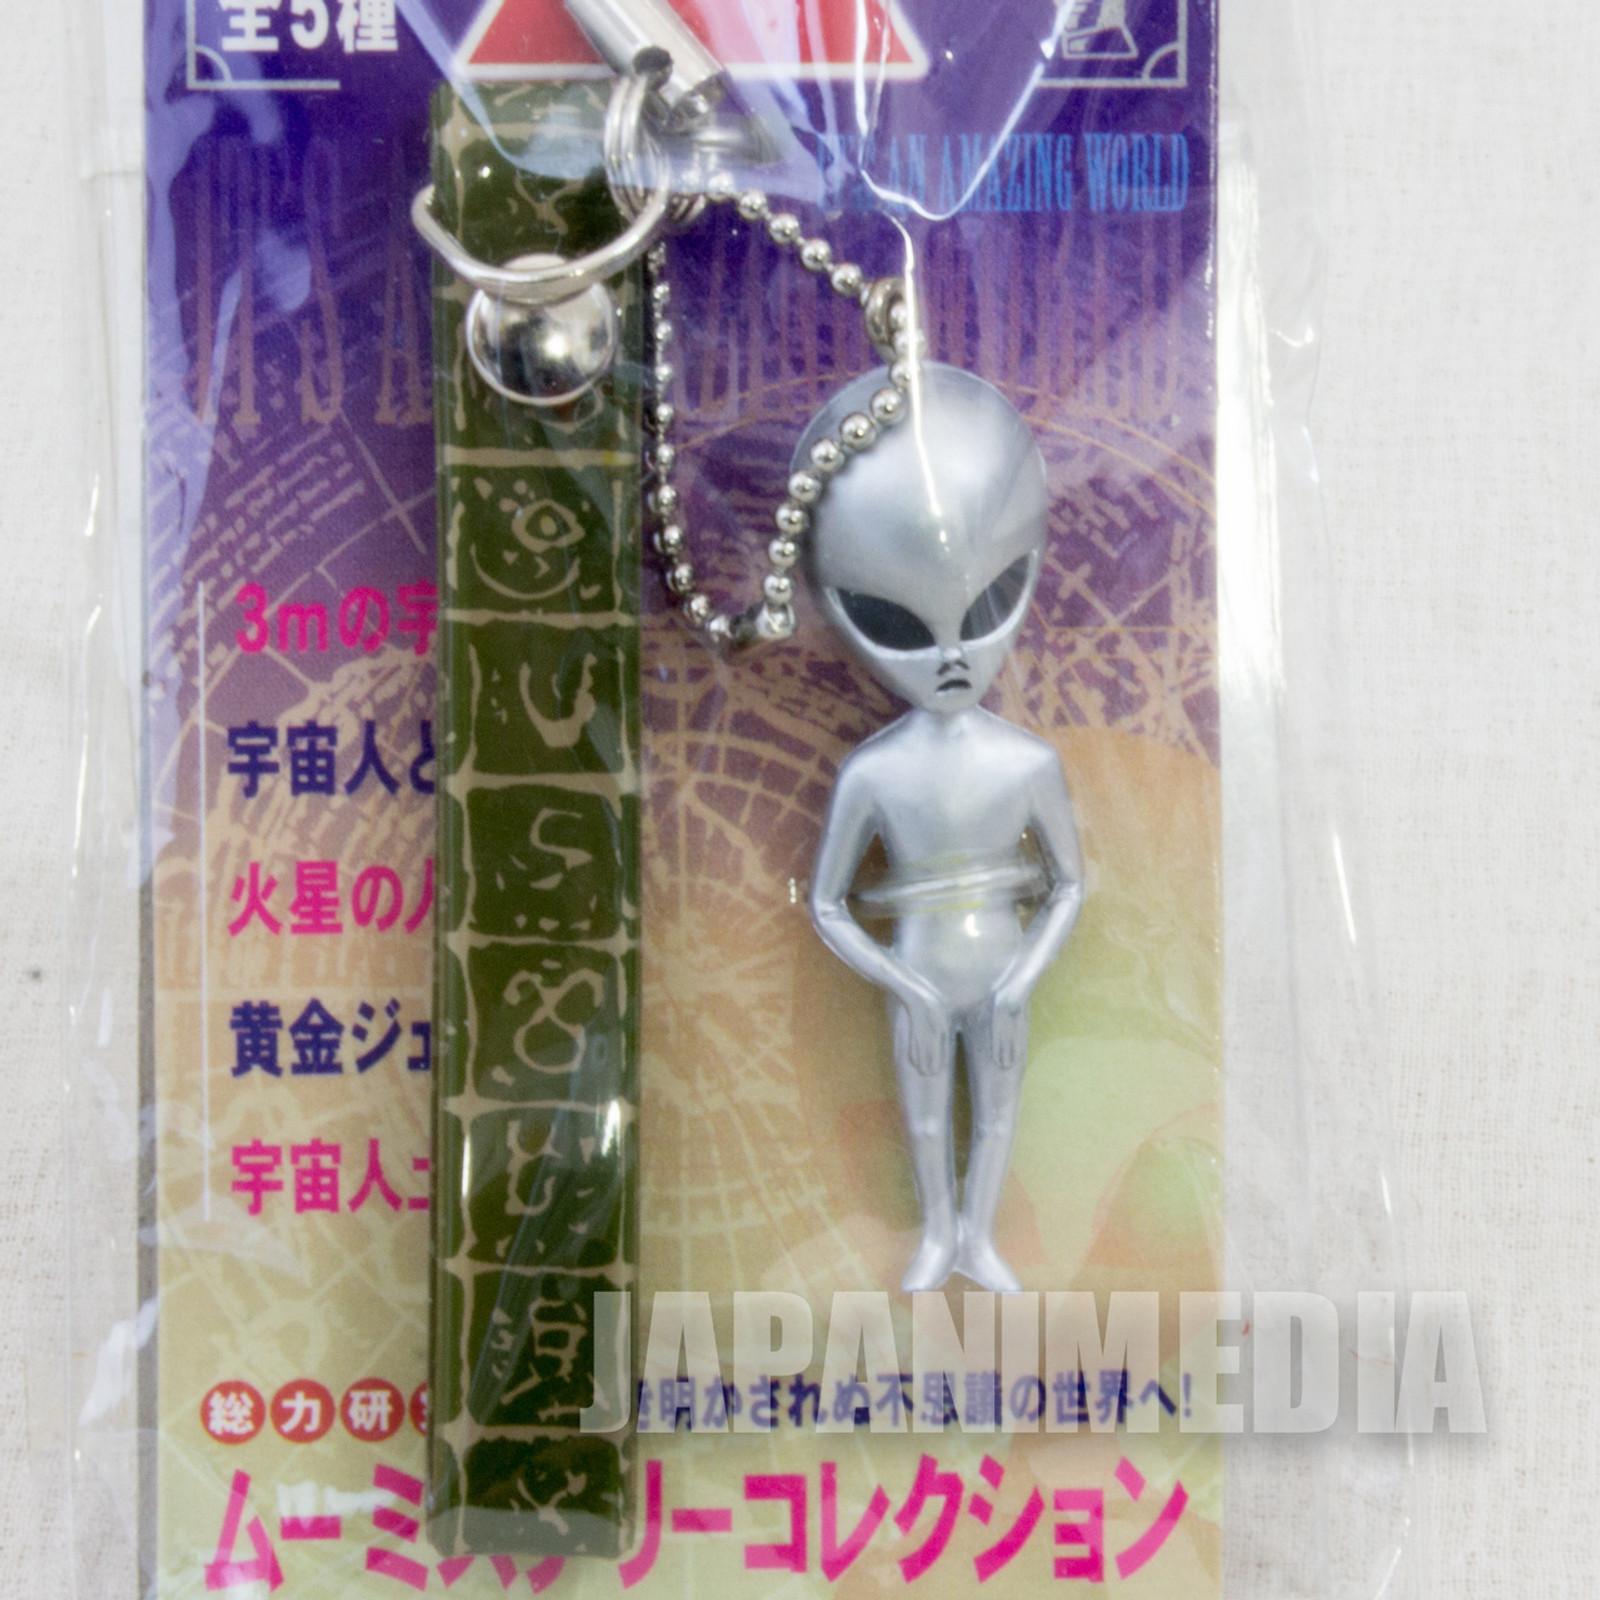 RARE! Alien Little Gray Figure Strap Super Mystery Magazine MU Goods JAPAN SEGA